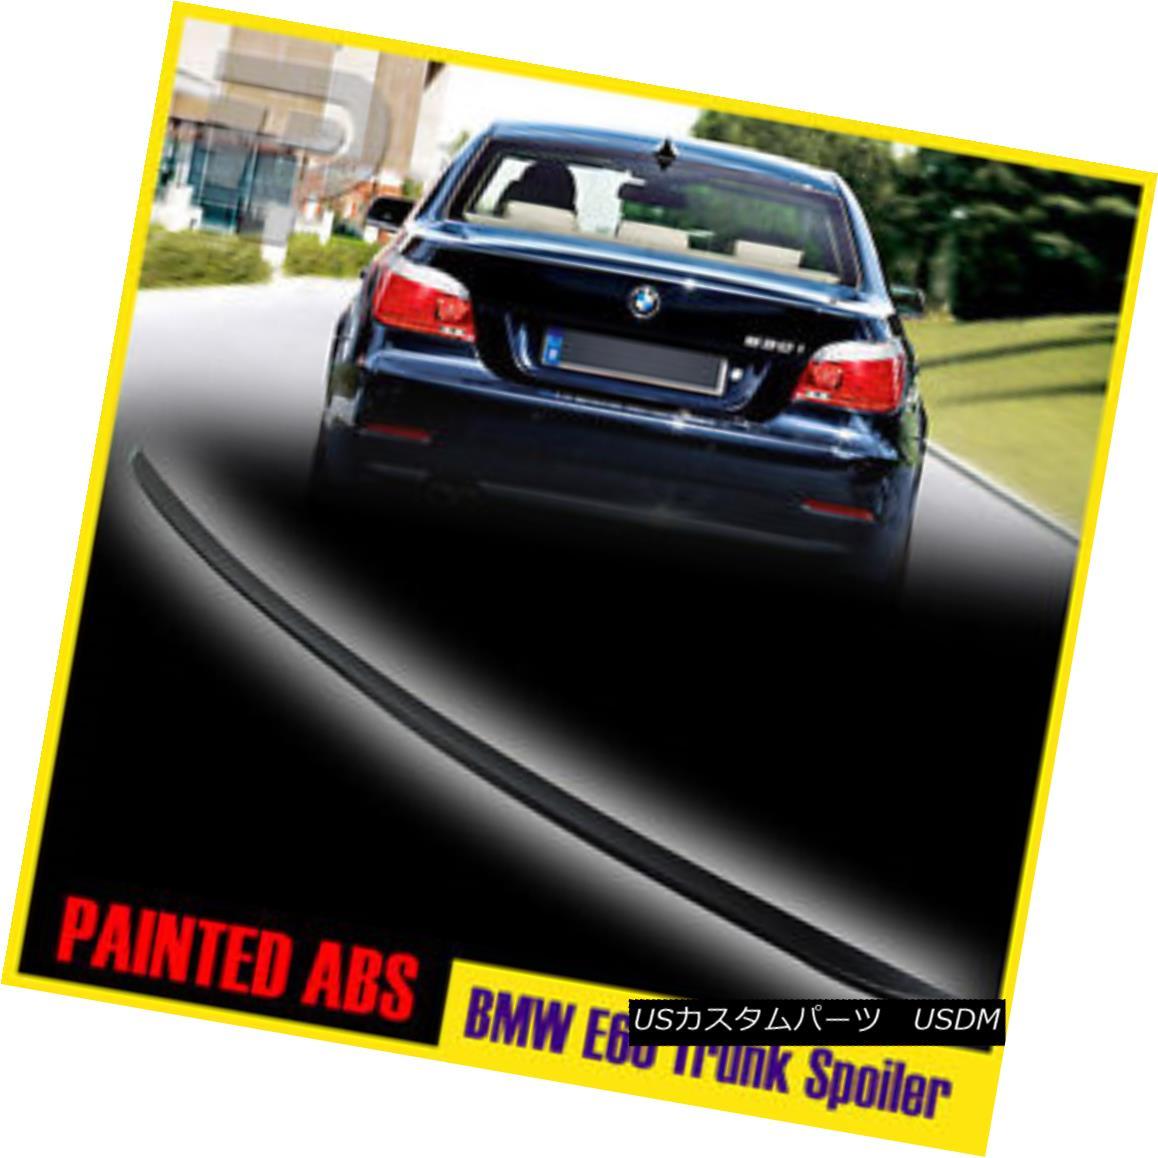 エアロパーツ Painted BMW M3 5-Series E60 4DOOR Rear Trunk Spoiler Wing 04-10 528i 550i 535i 塗装BMW M3 5シリーズE60 4DOORリアトランク・スポイラー・ウィング04-10 528i 550i 535i